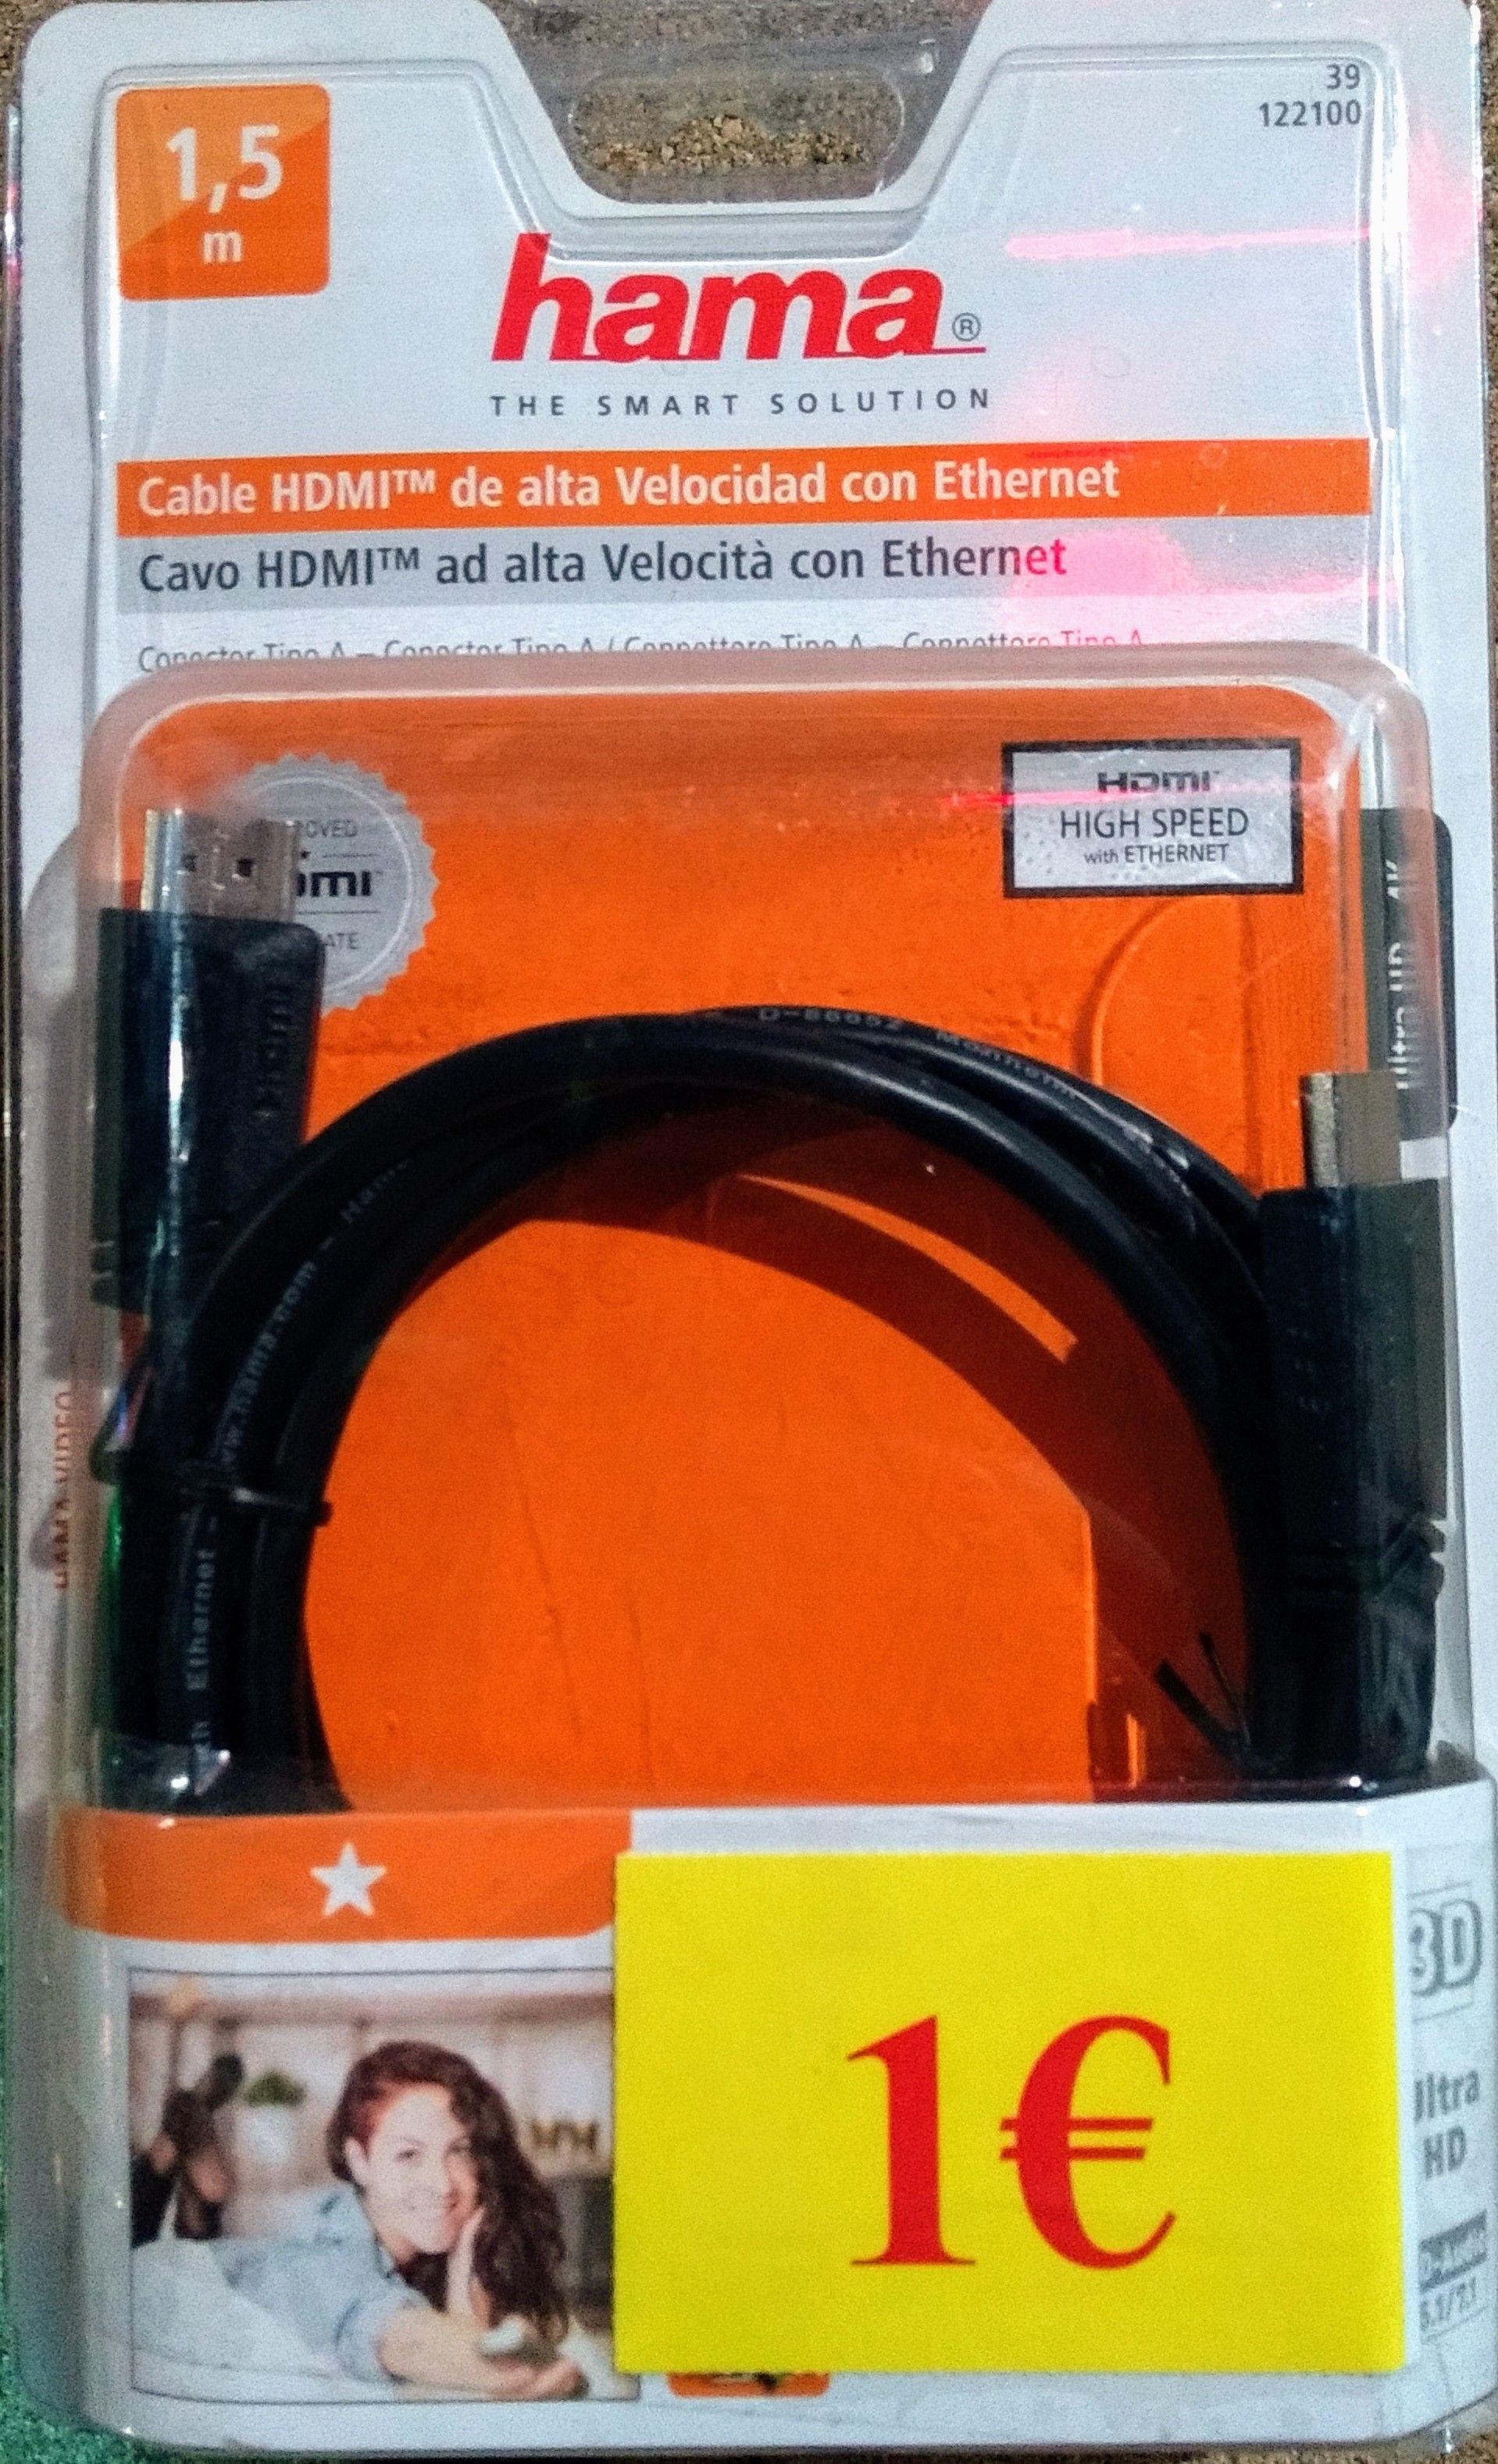 Cable HDMI marca Hama válido para 4K (Conforama San Sebastián de los Reyes)